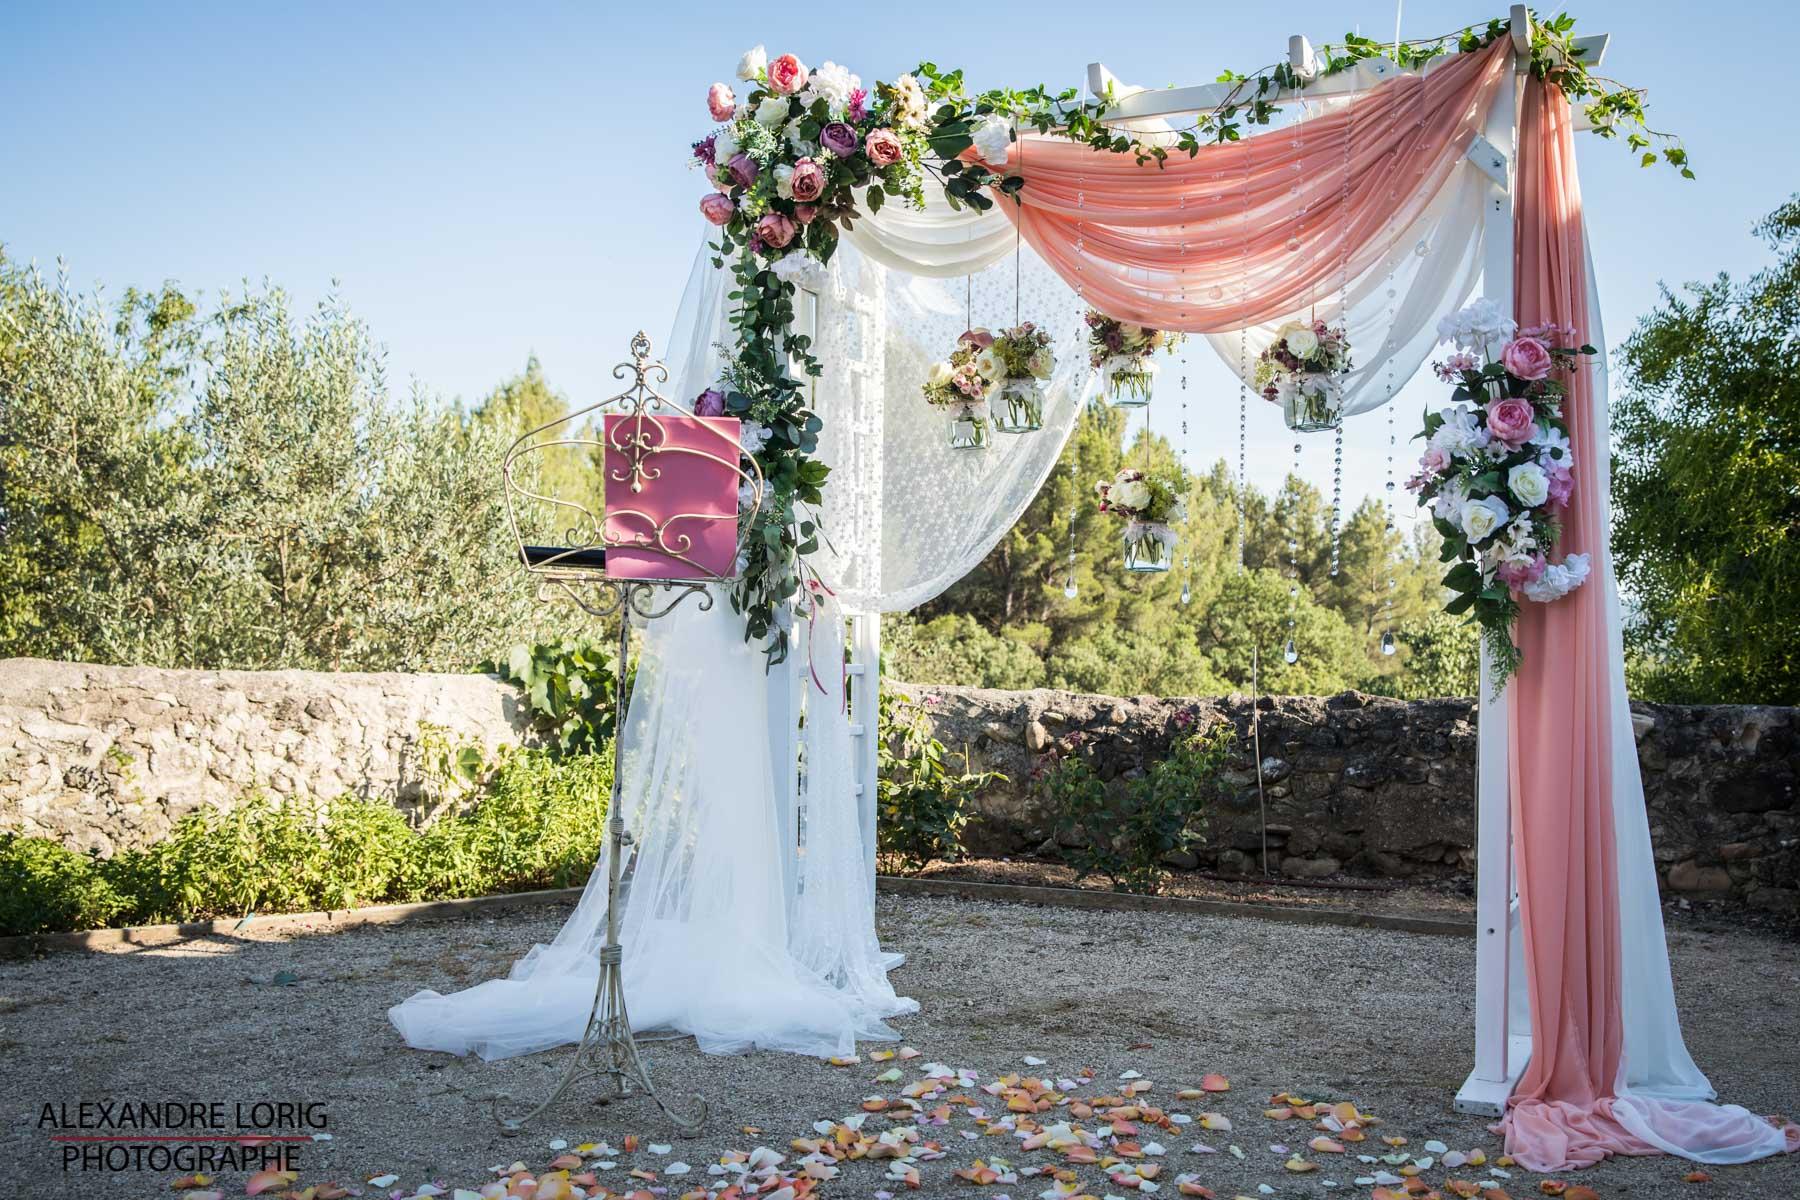 le coeur dans les etoiles - wedding planner provence - luberon - mariage provence - sardaigne - Alexandre Lorig - arche -ceremonie laique